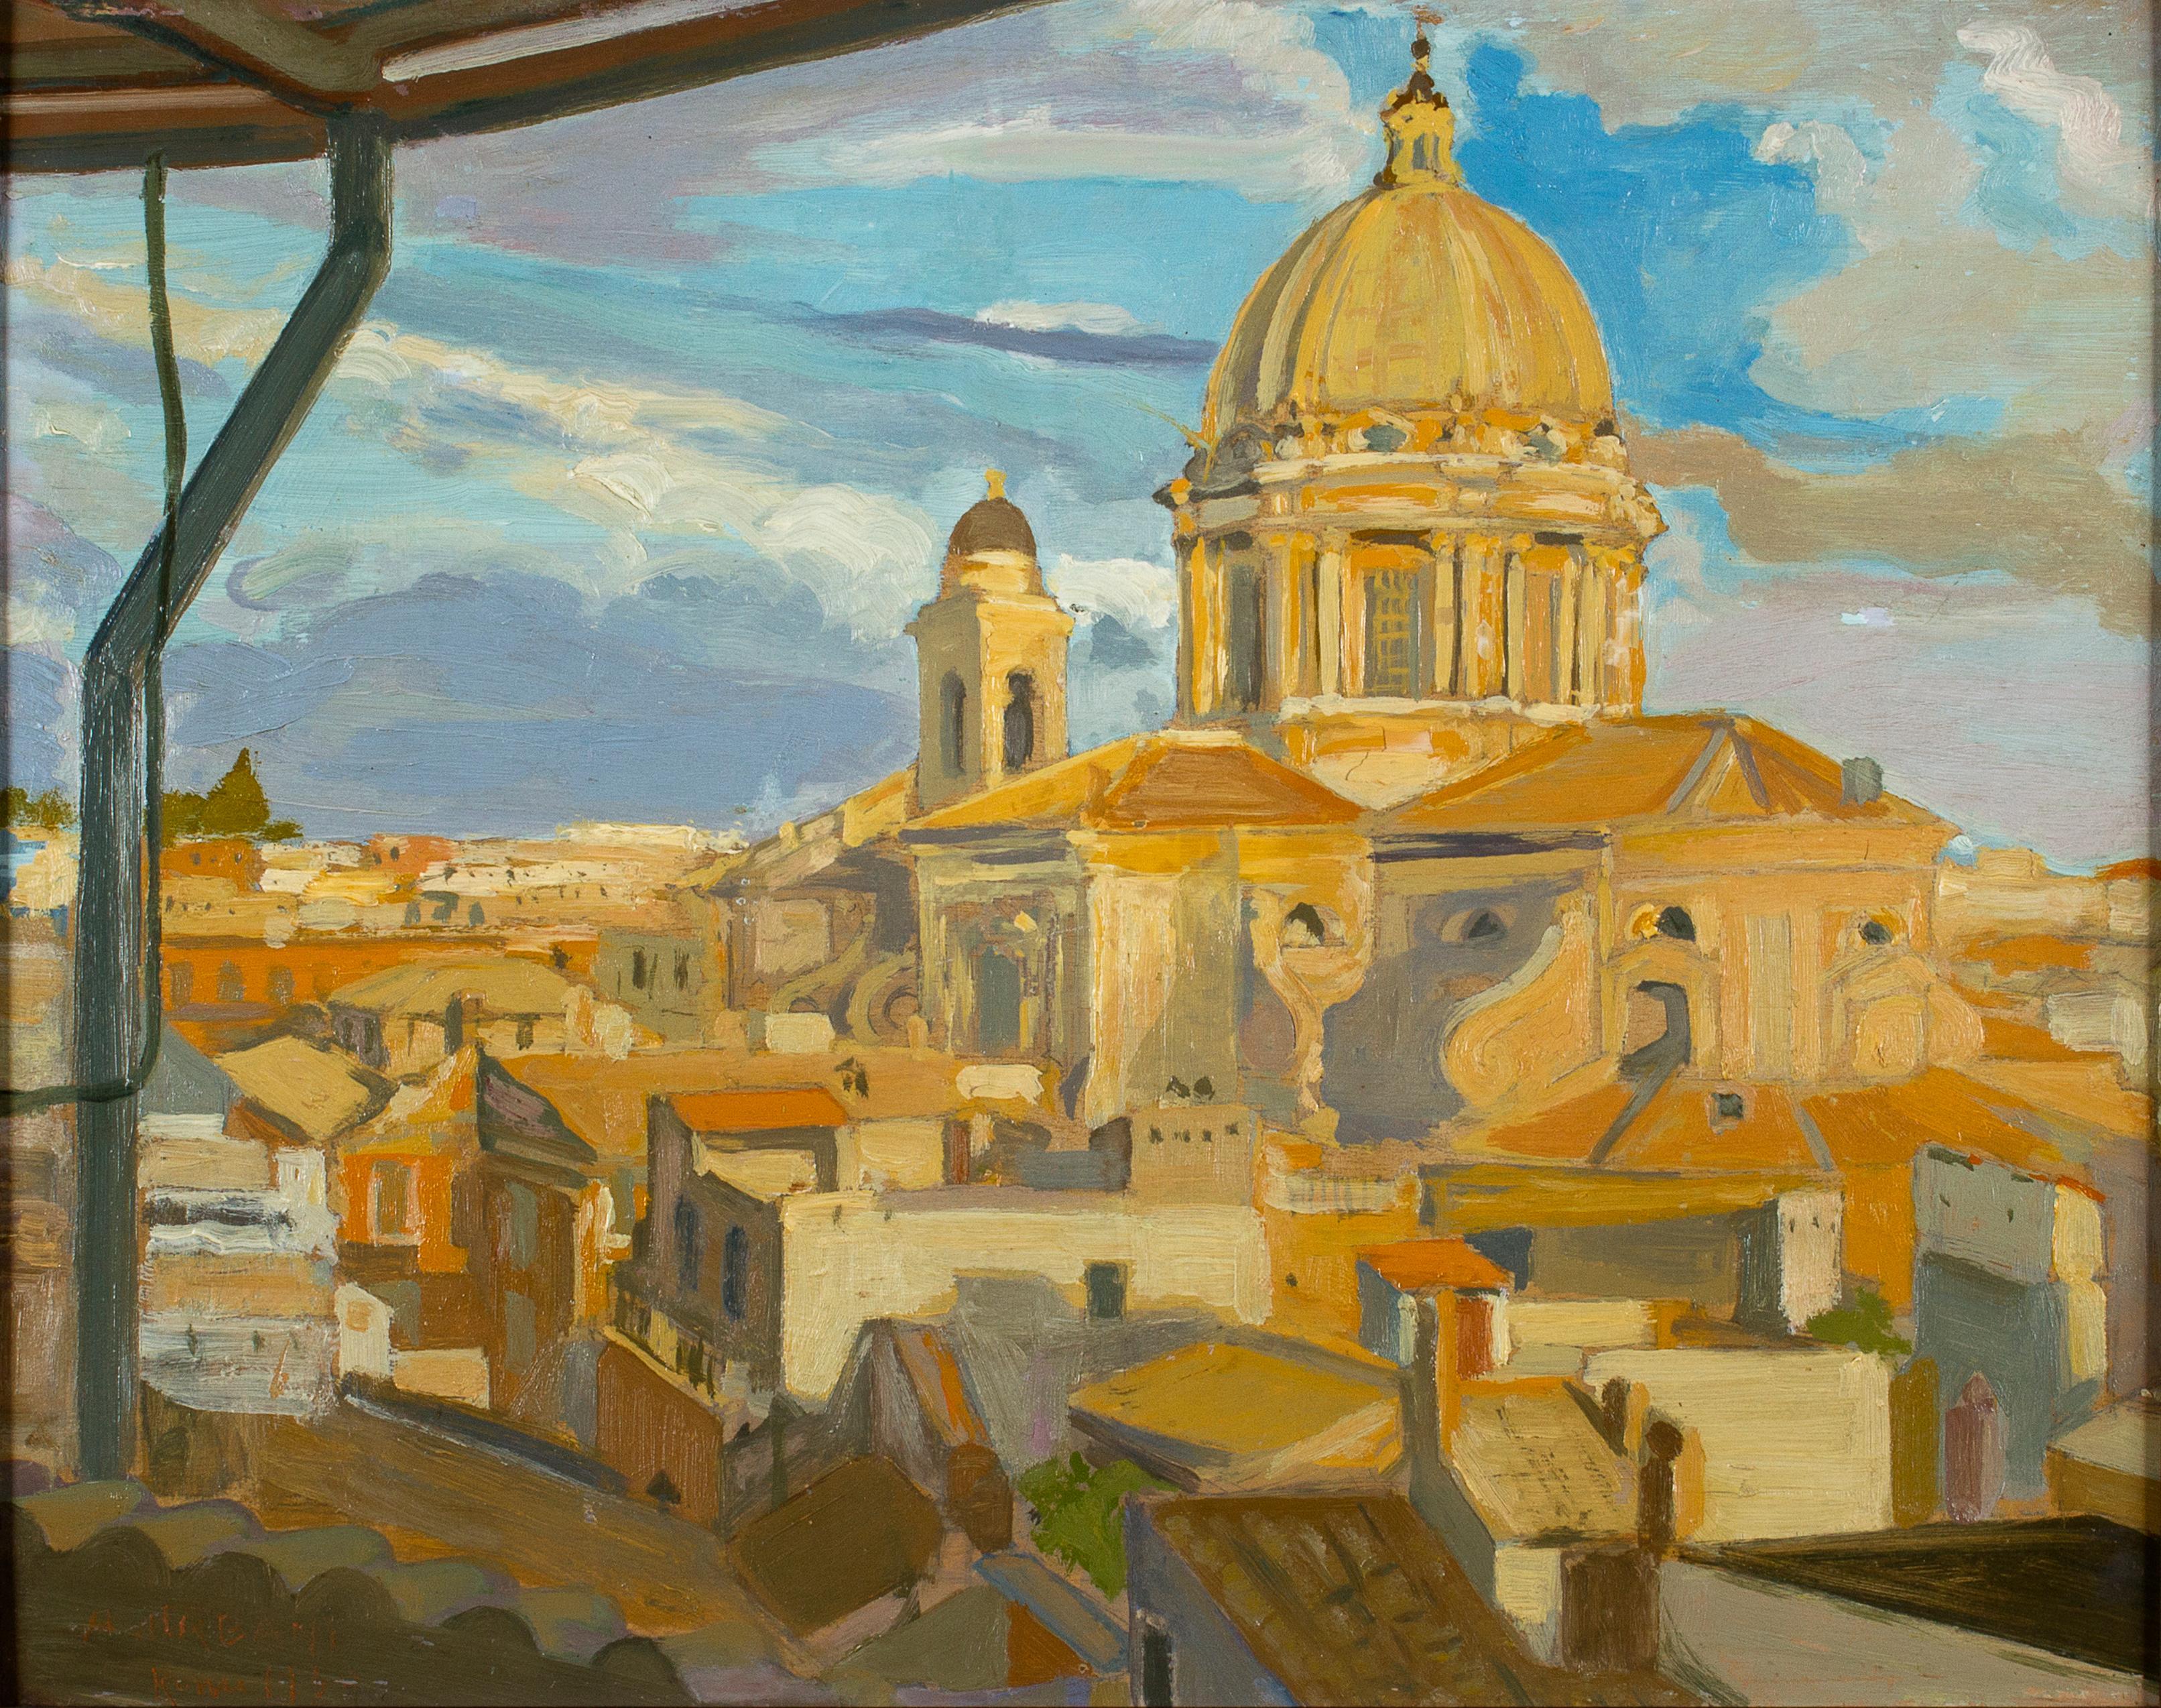 View of Church of the Fiorentini - Oil on Canvas by A. Urbano del Fabbretto